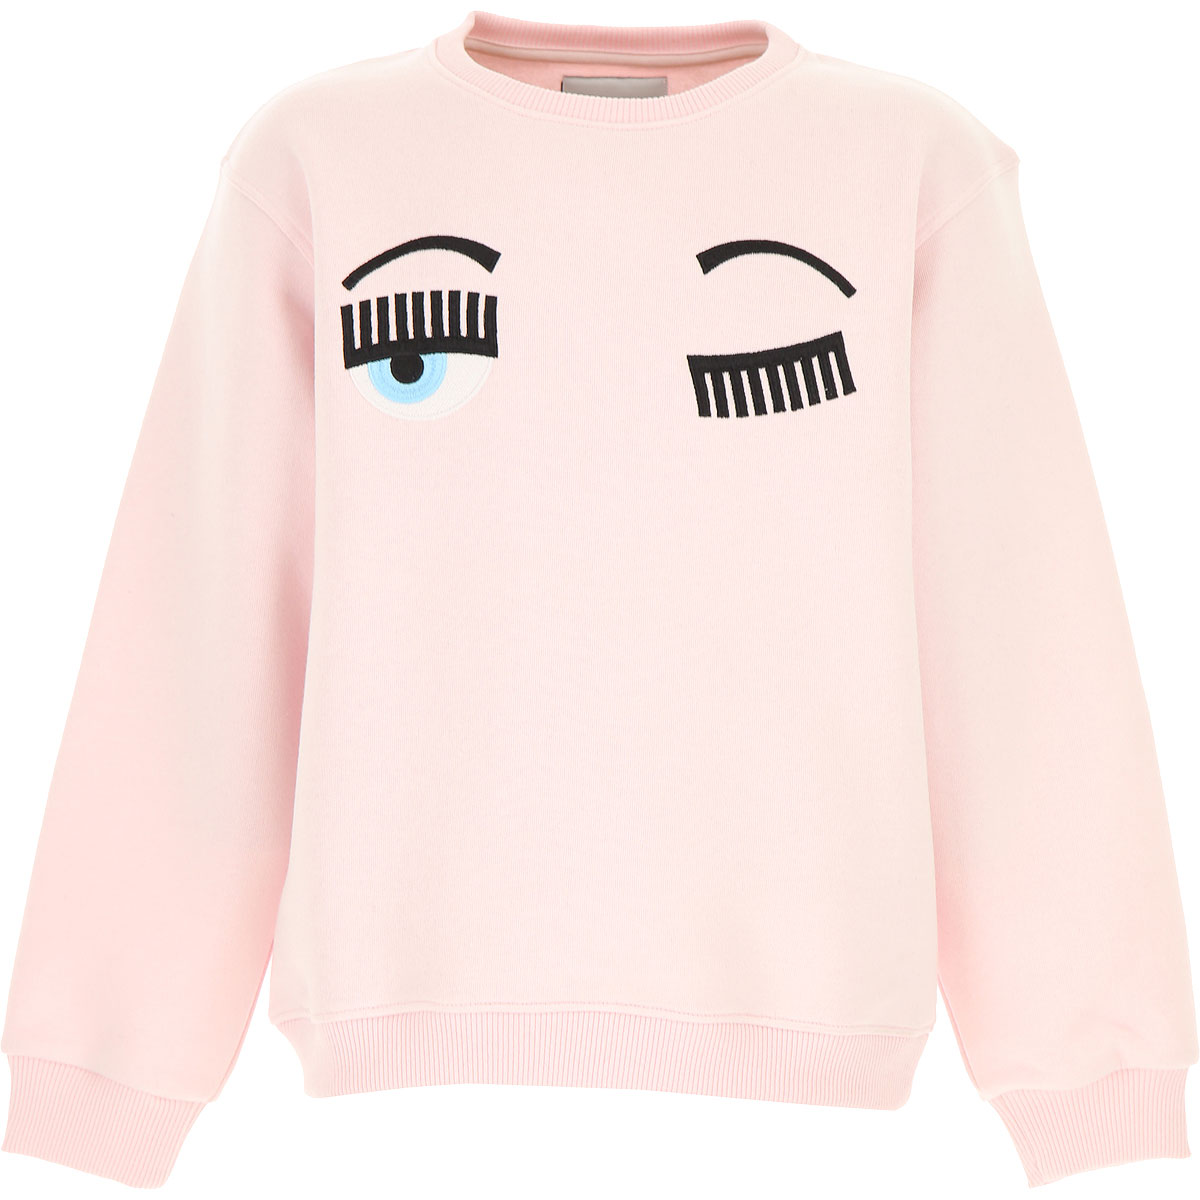 Chiara Ferragni Kids Sweatshirts & Hoodies for Girls On Sale, Pink, Cotton, 2019, 10Y 10Y 12Y 12Y 14Y 14Y 6Y 8Y 8Y